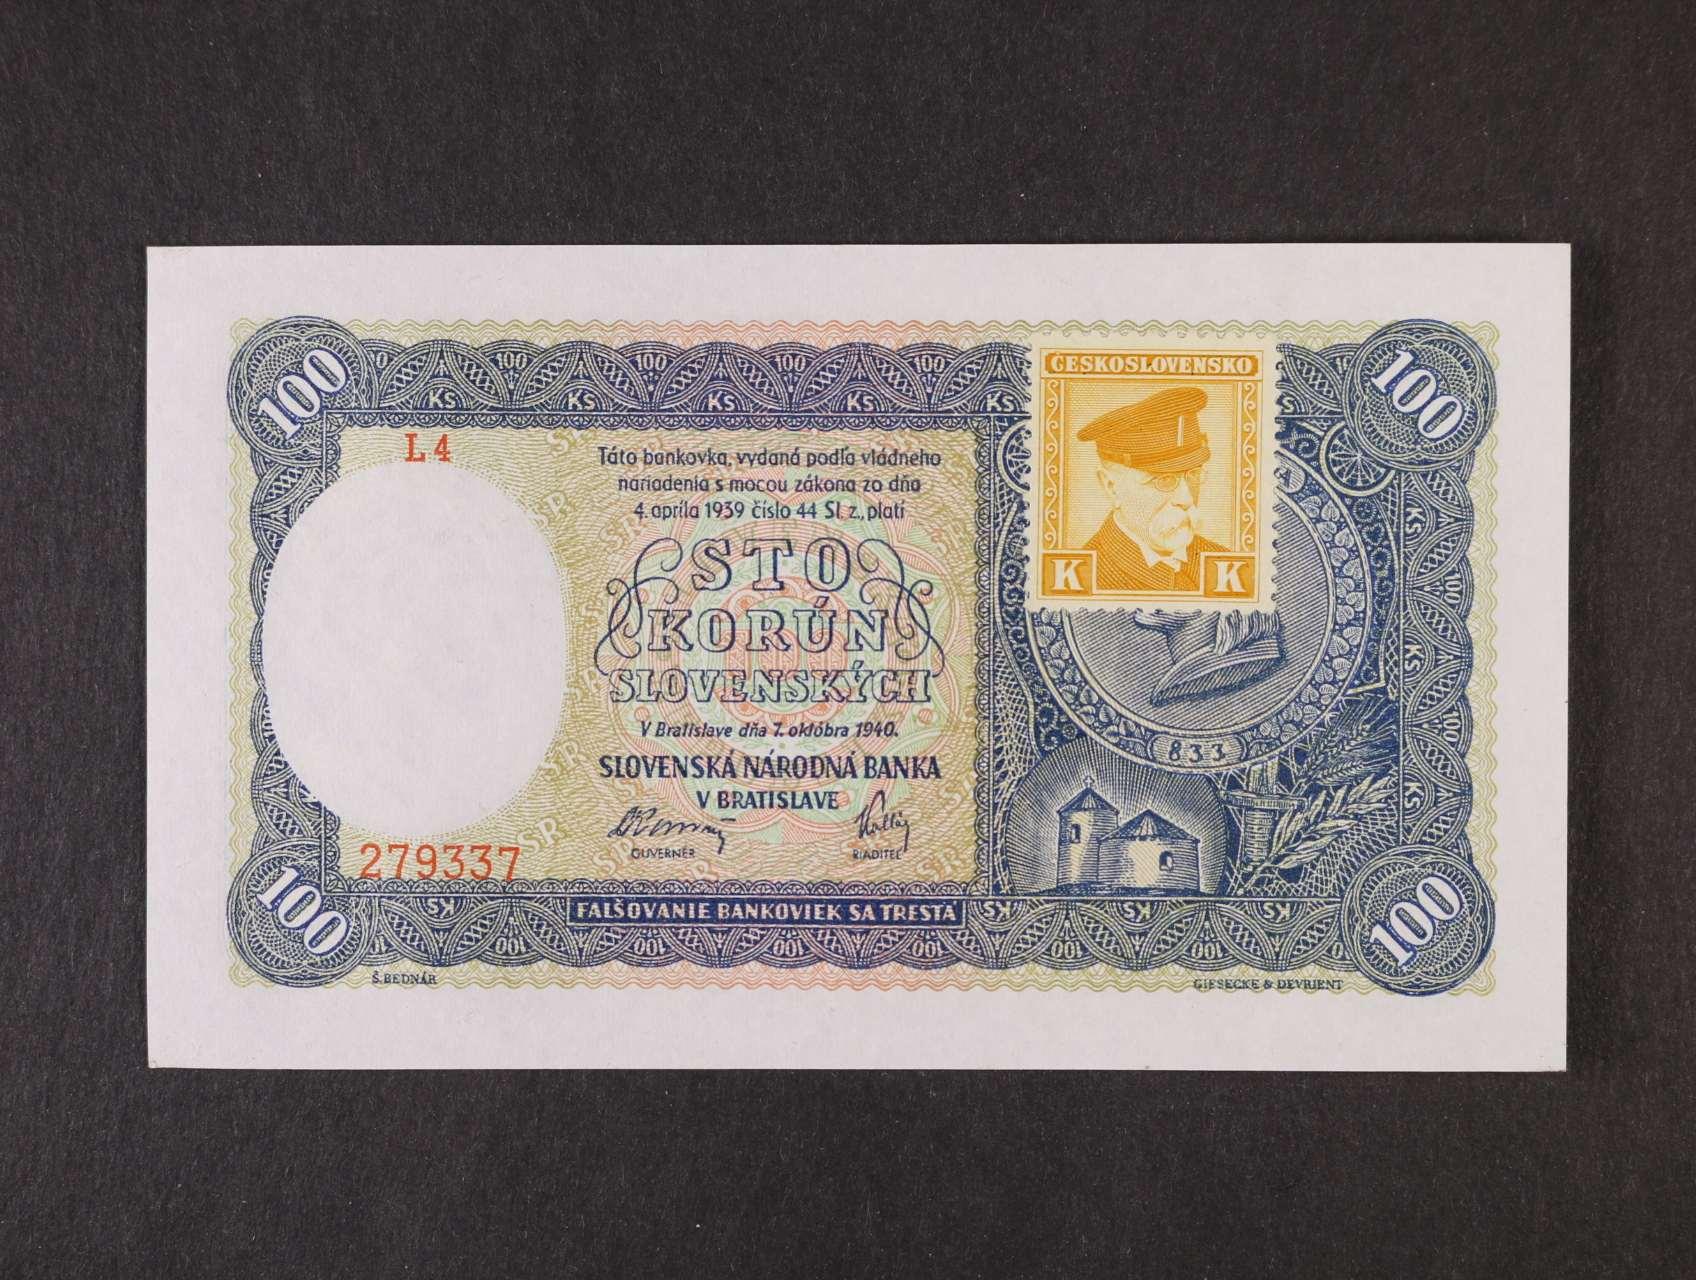 100 Ks 7.10.1940 série L 4 kolkovaná I.vydání, Ba. 62a, Pi. 51a